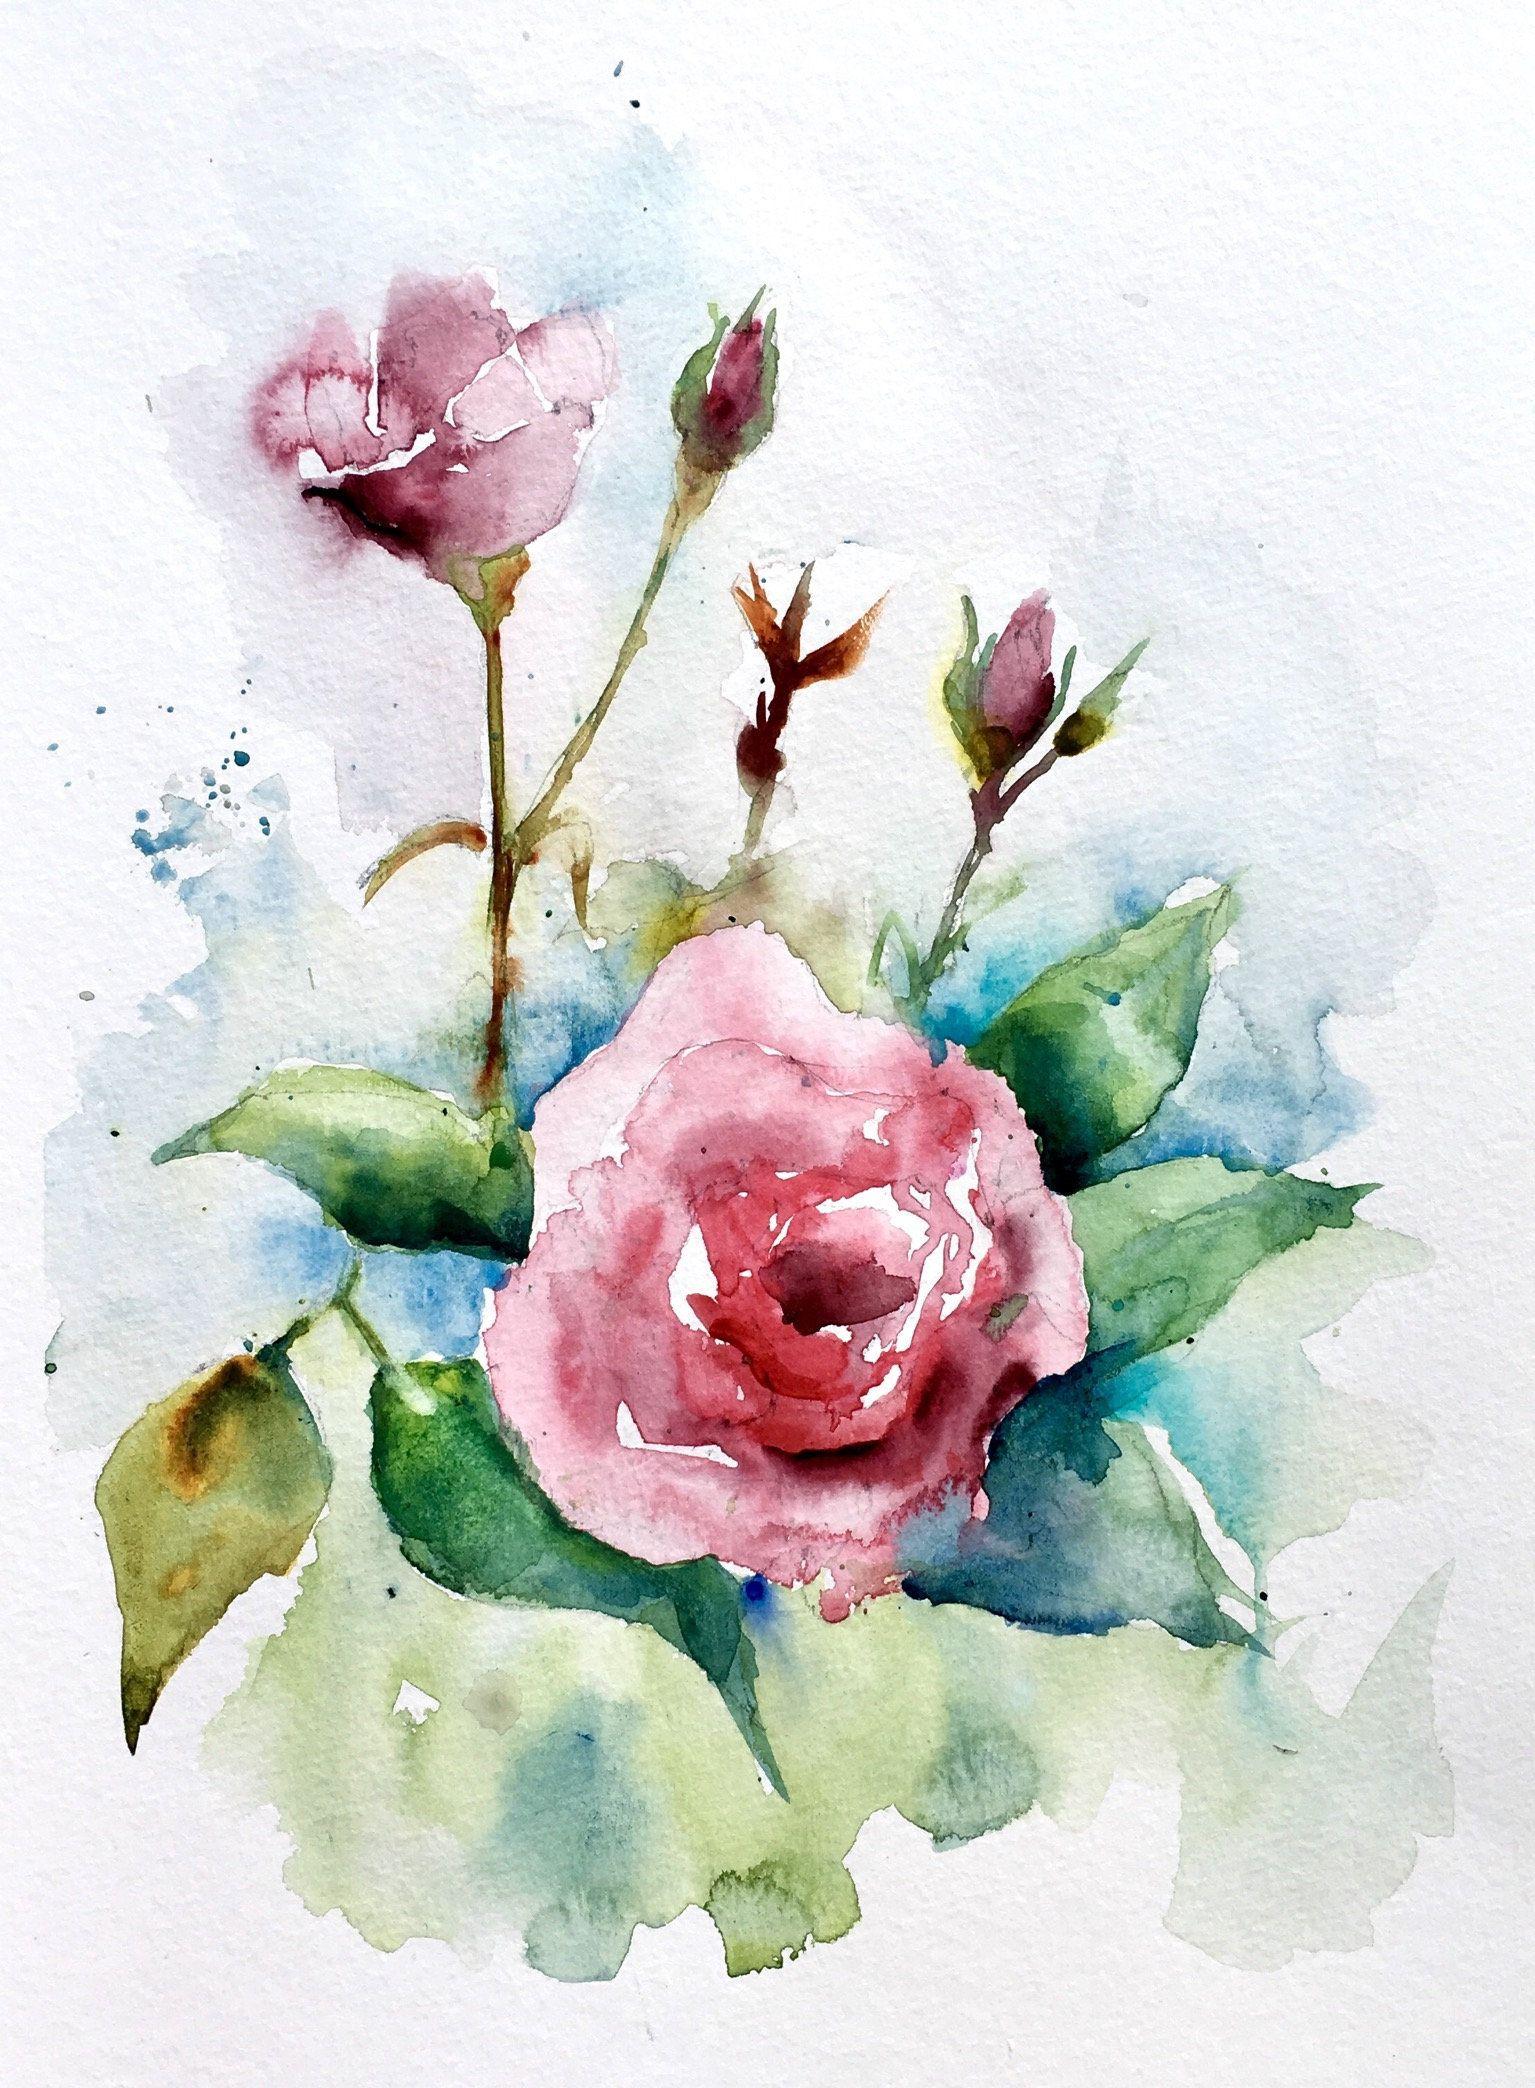 Aquarelle Originale Roses Fleurs Rouge Ete Campagne Roses